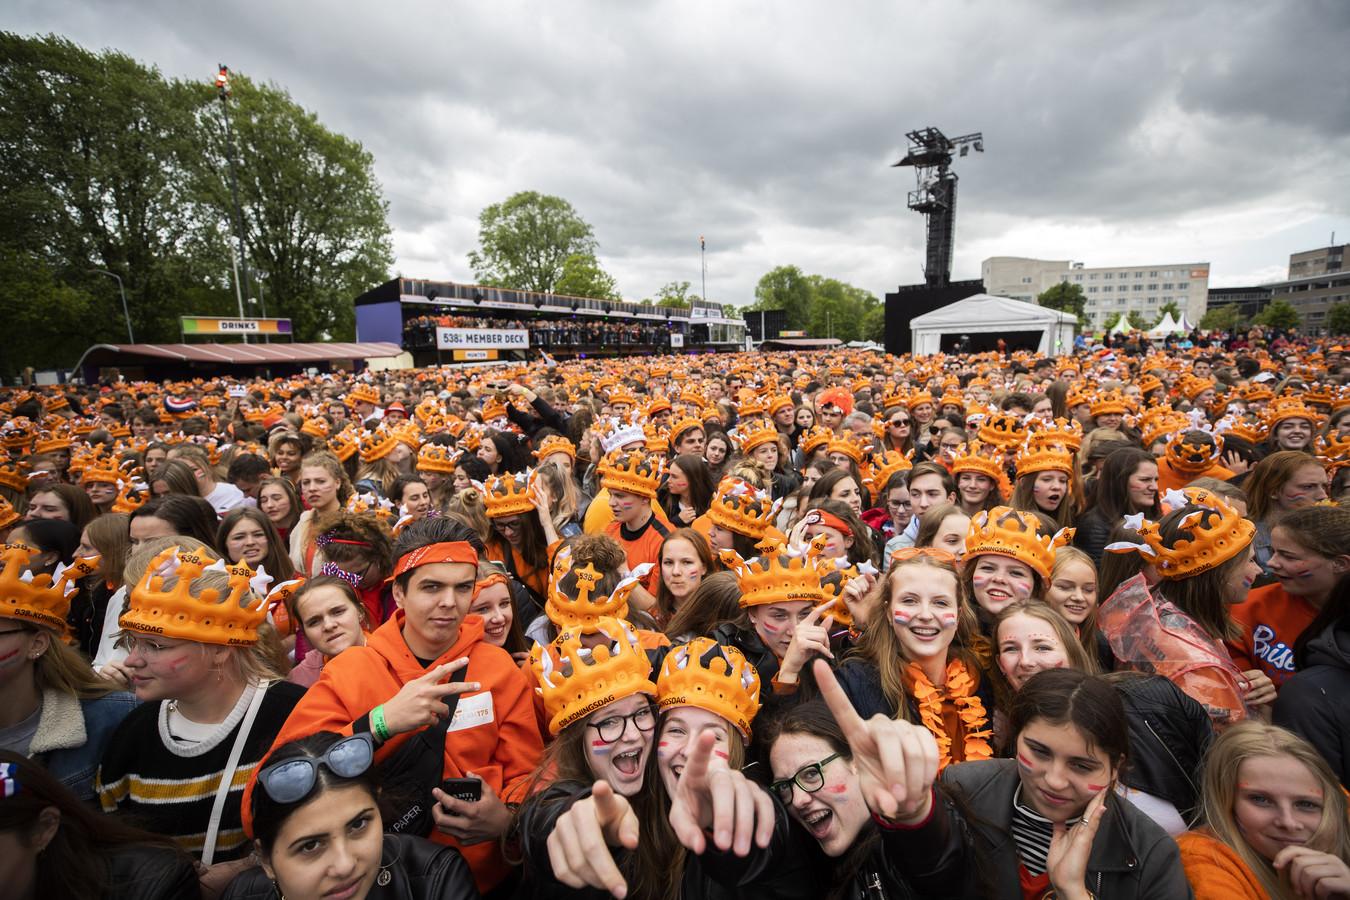 538 Koningsdag in Breda in 2019.